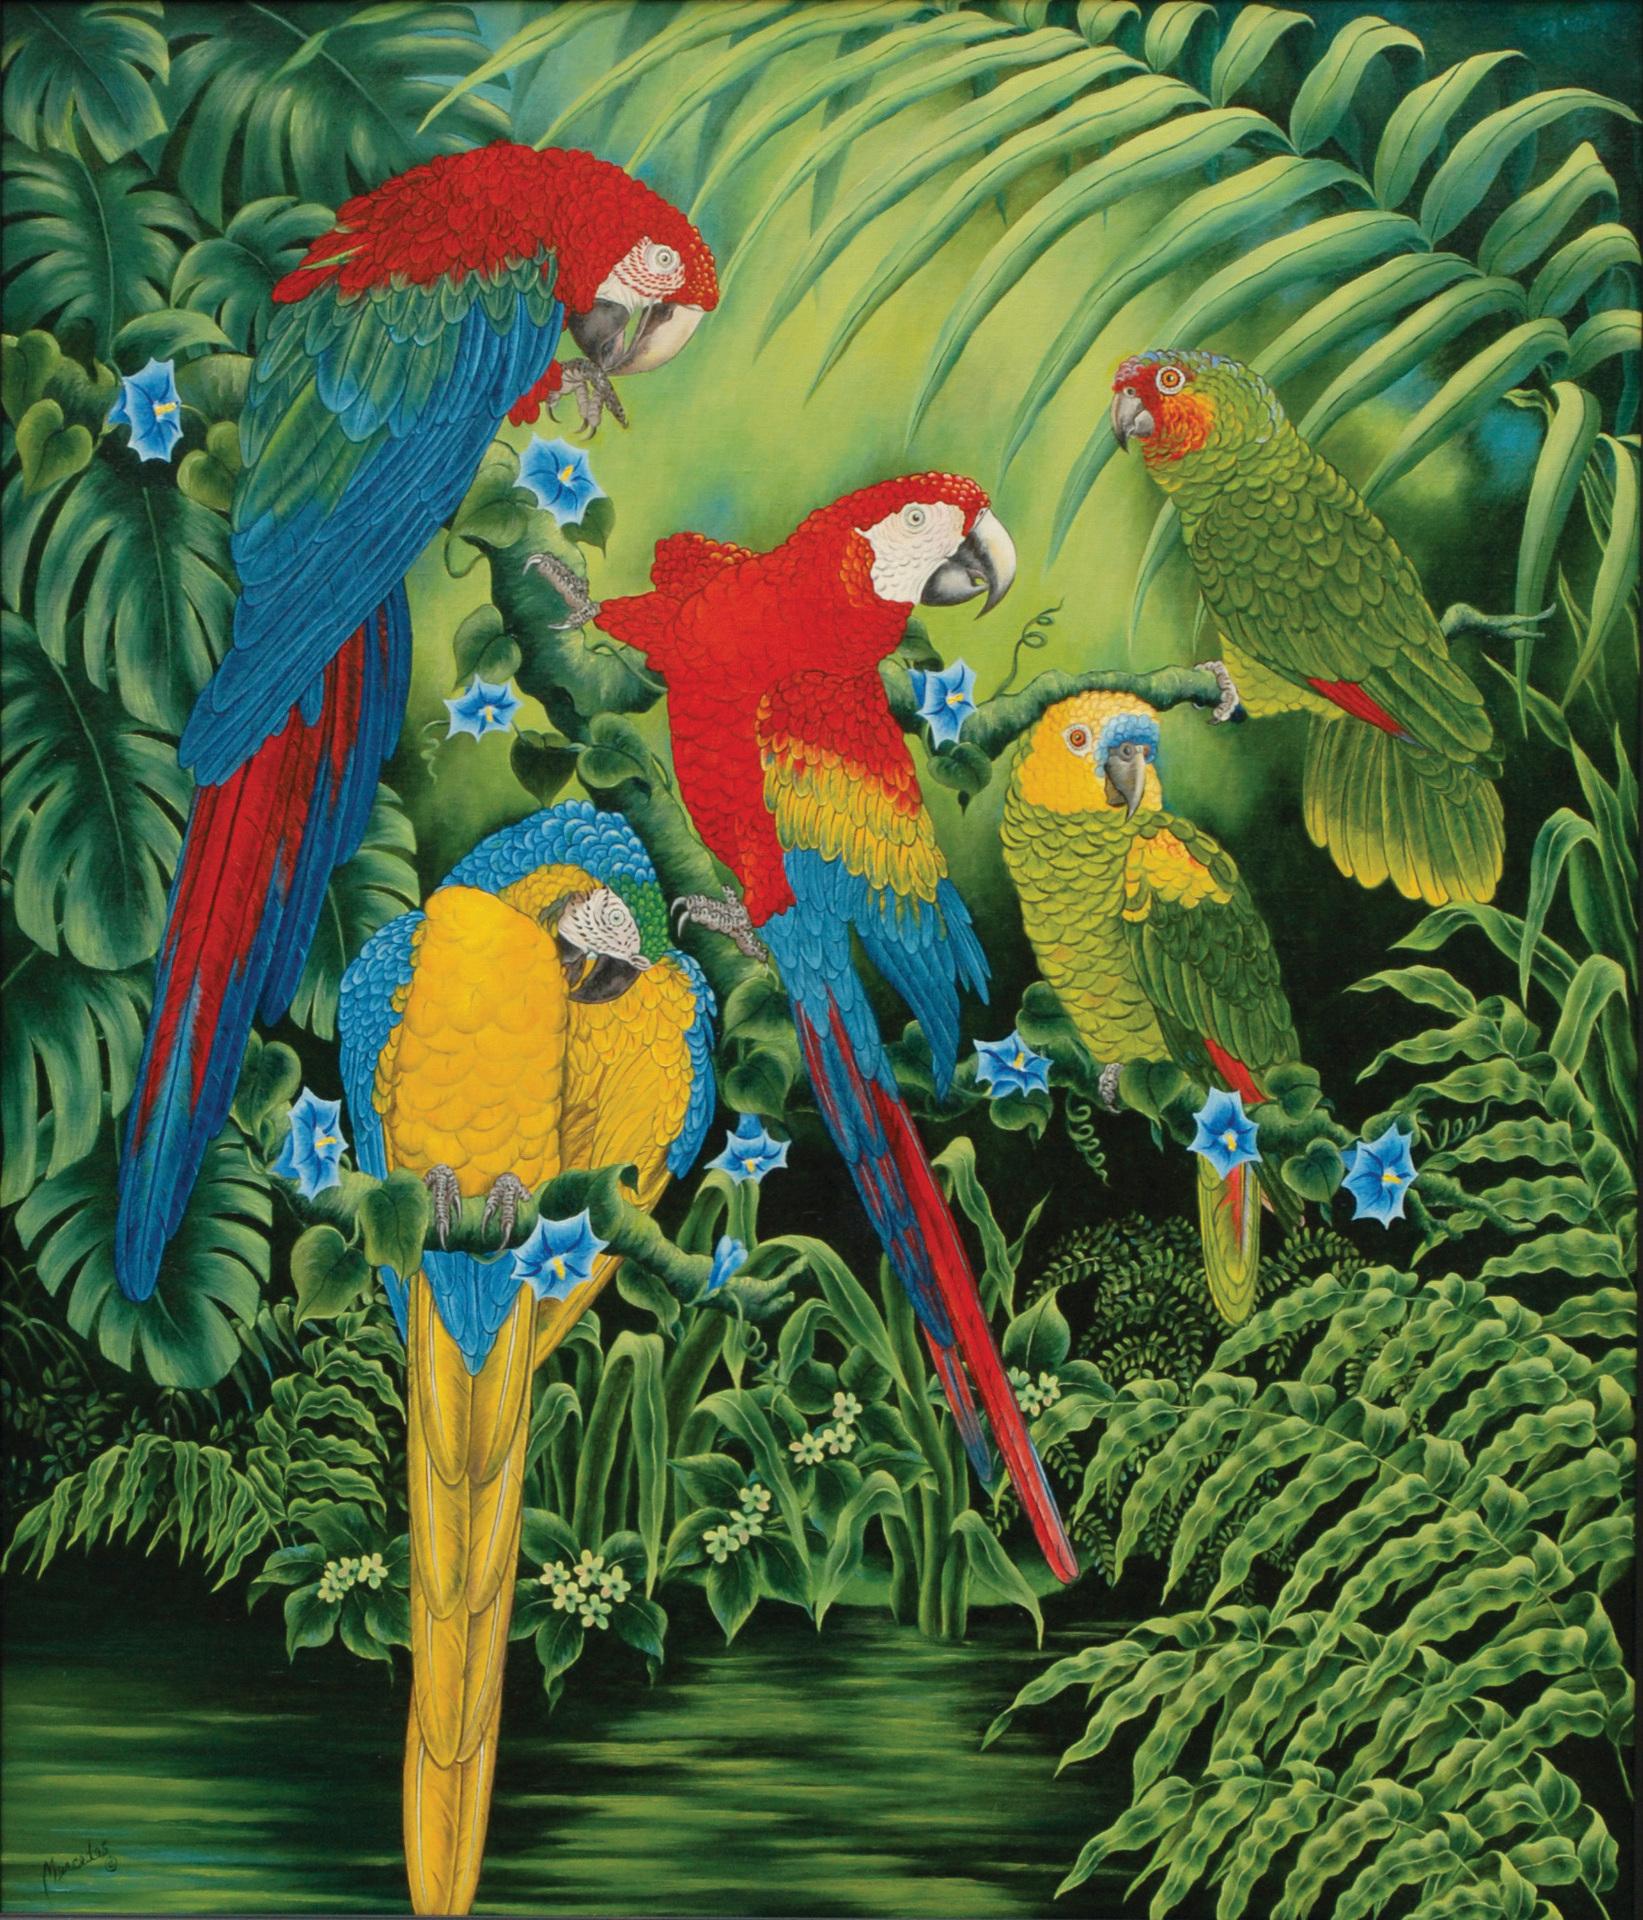 Parrots 72dp 1920pxh lfp7sd